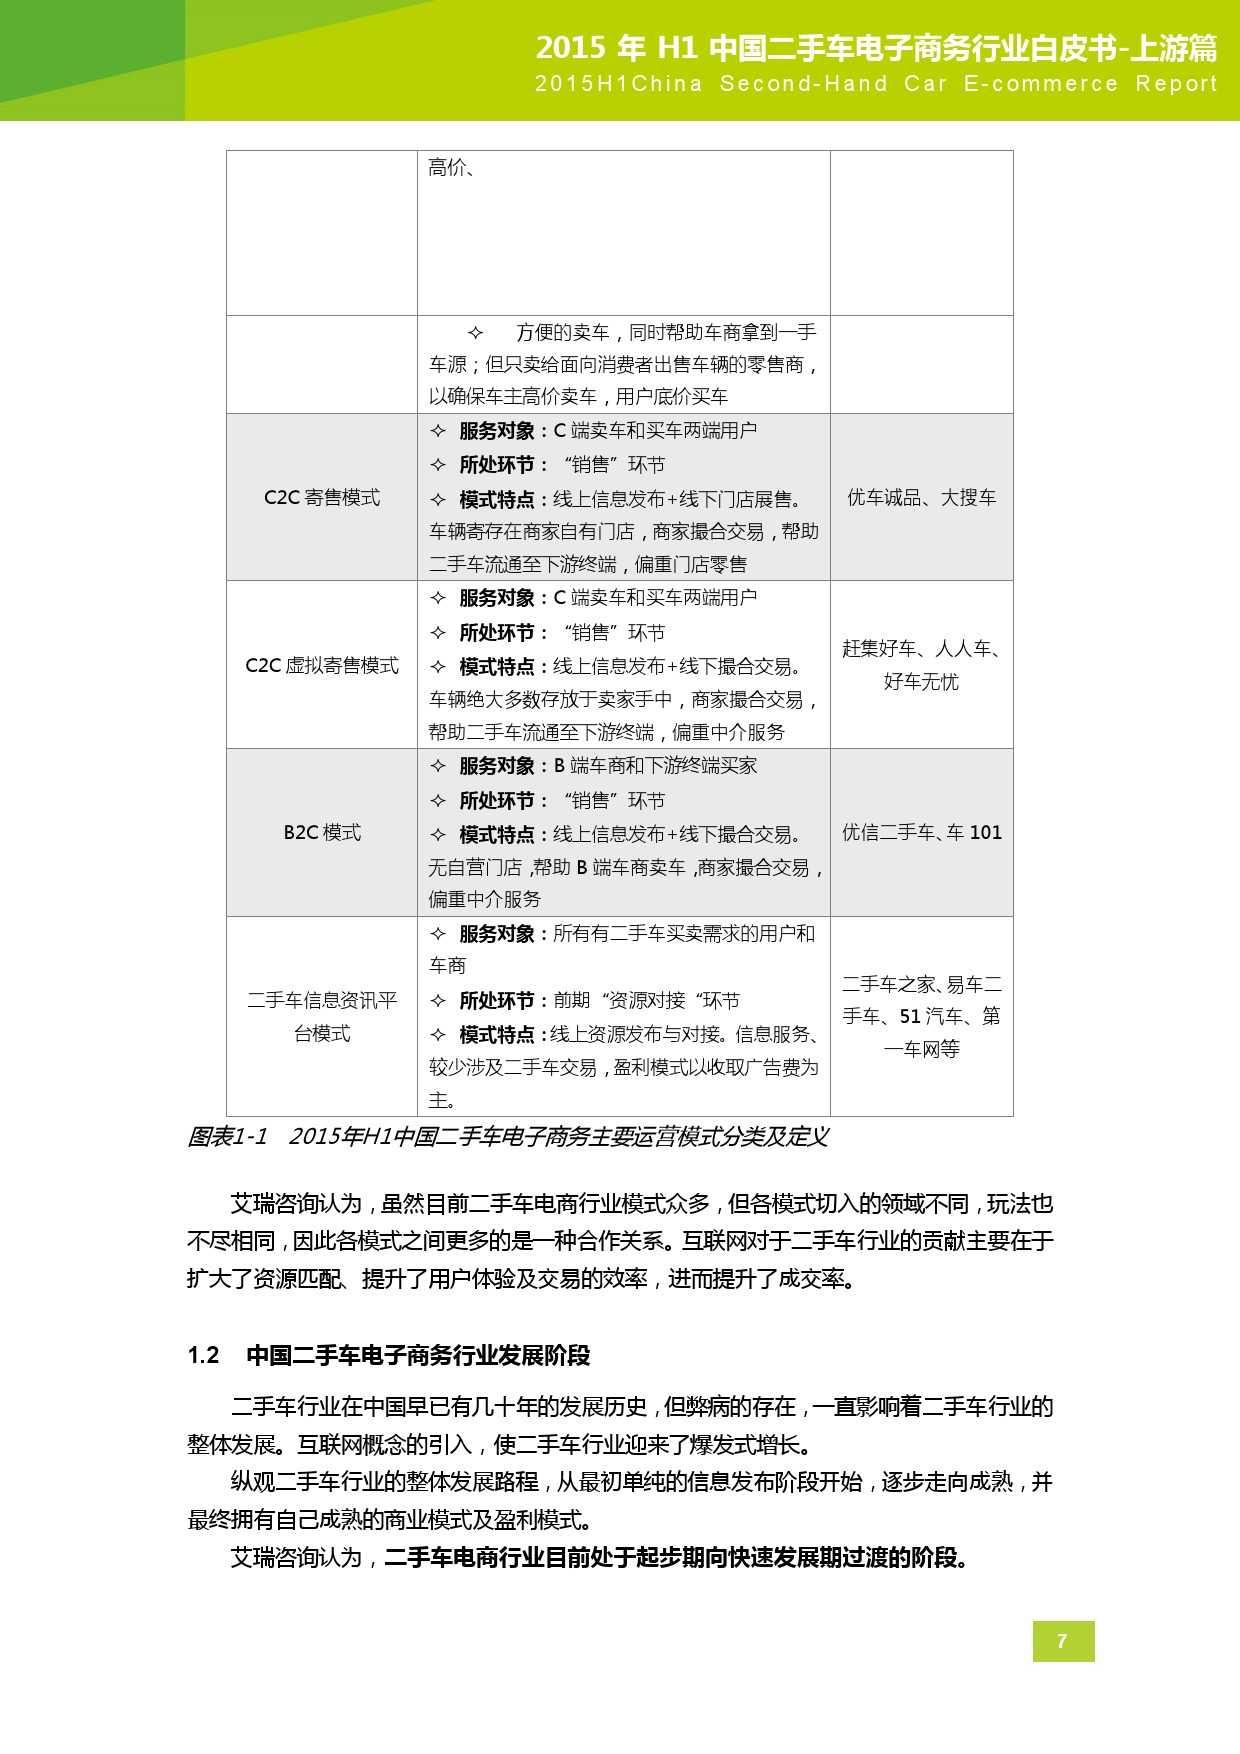 2015年中国二手车电子商务行业白皮书-上游篇_000008